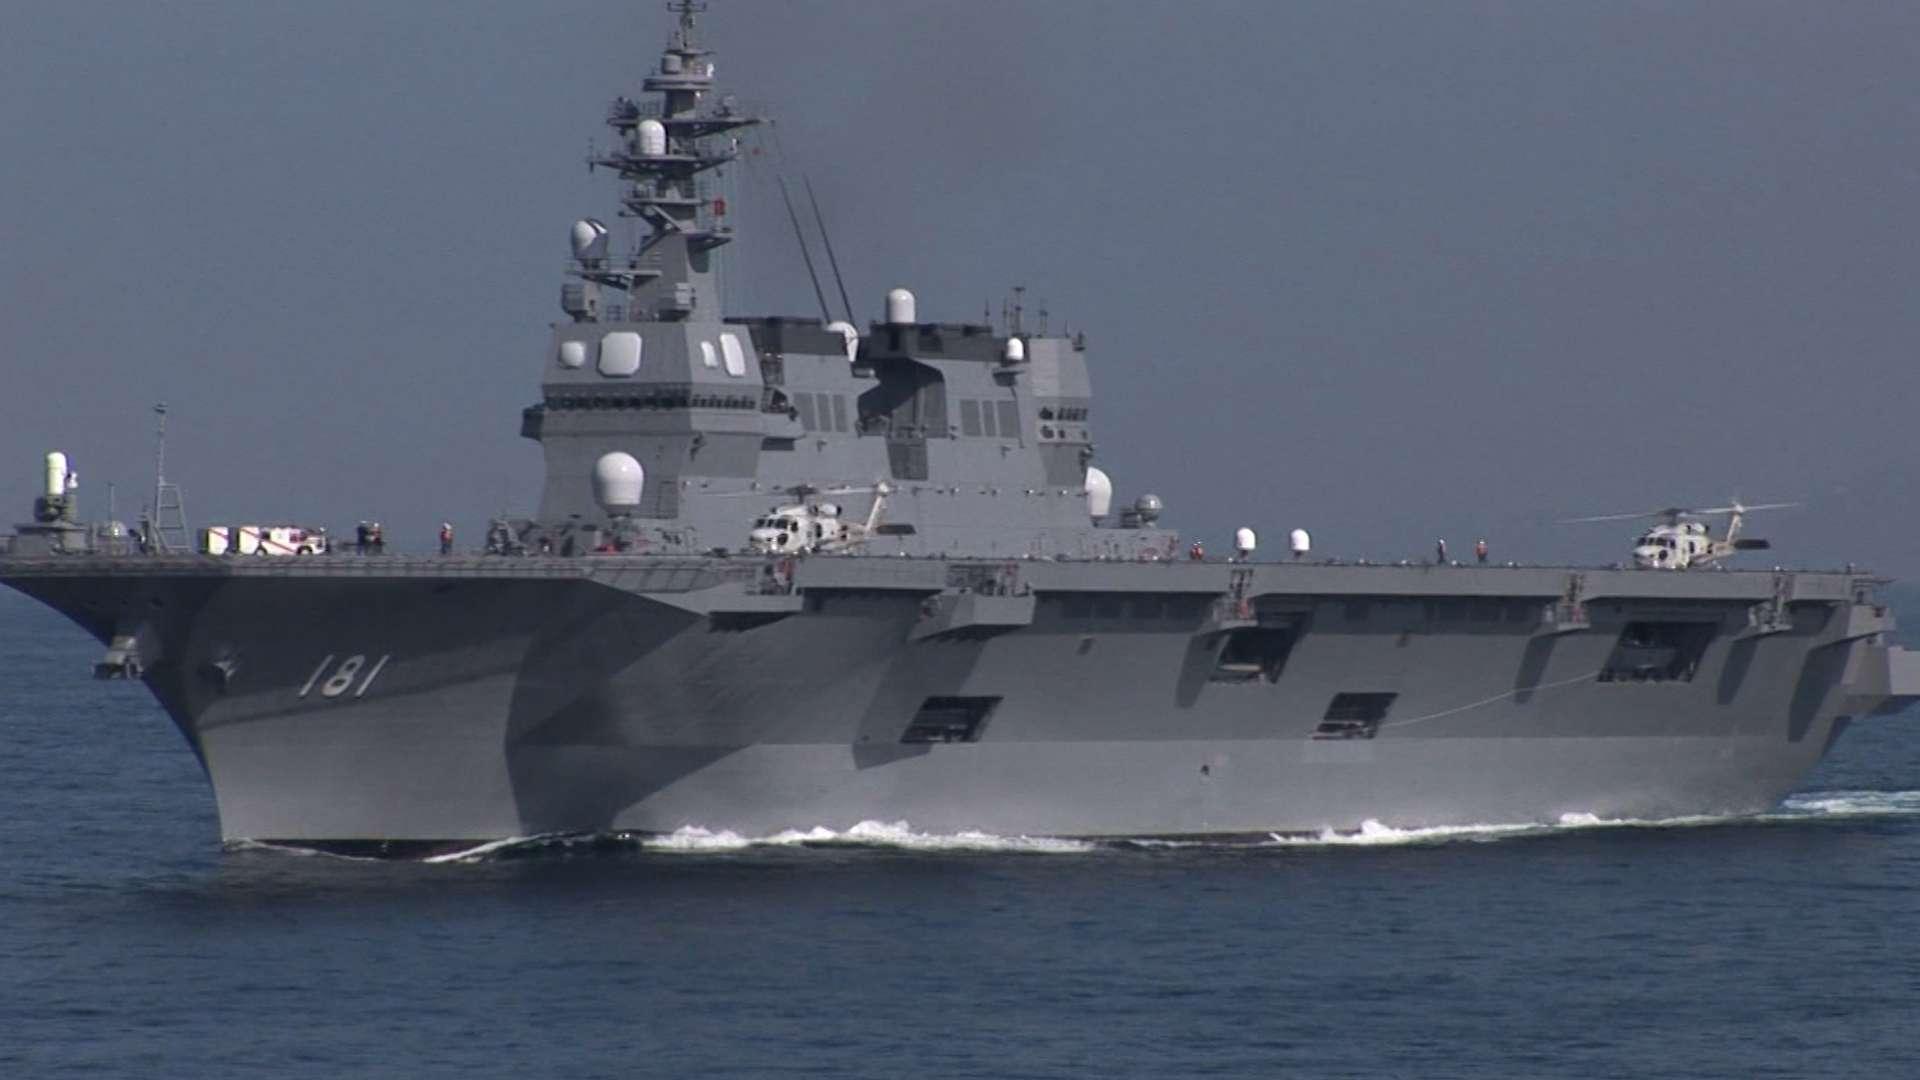 DDH護衛艦ひゅうが 日本最新最大の護衛艦